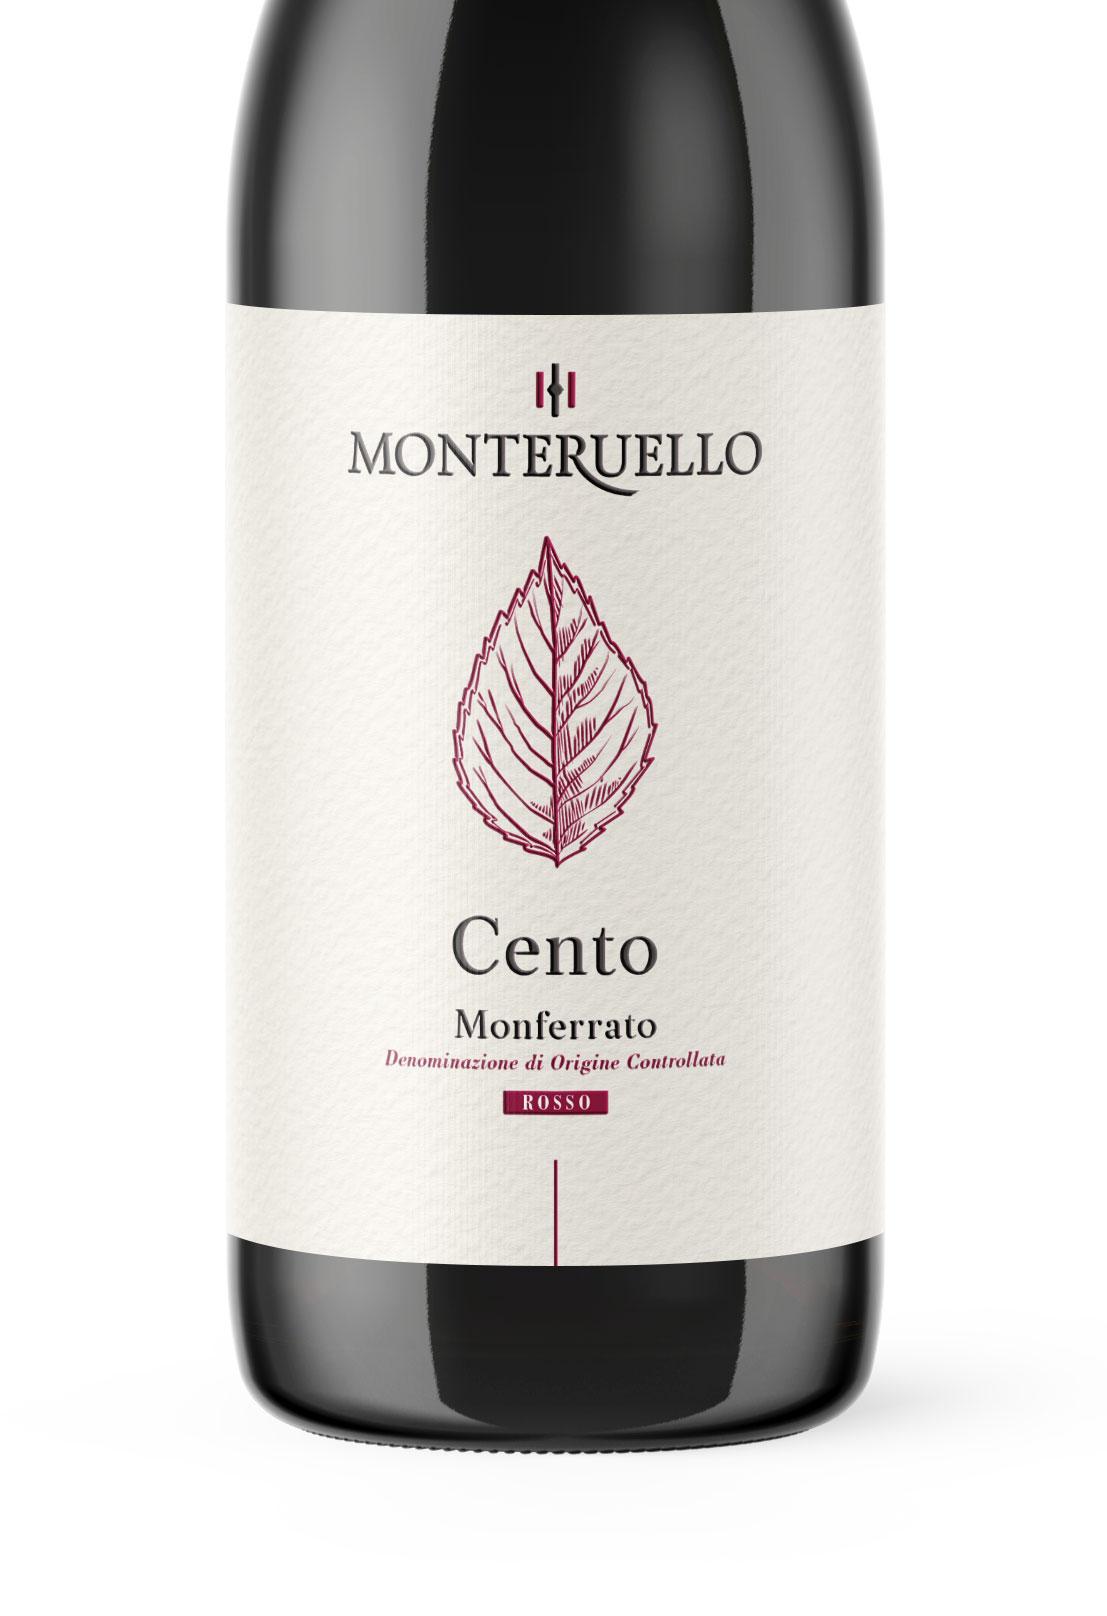 Monteruello | Monferrato Cento | www.monteruello.it